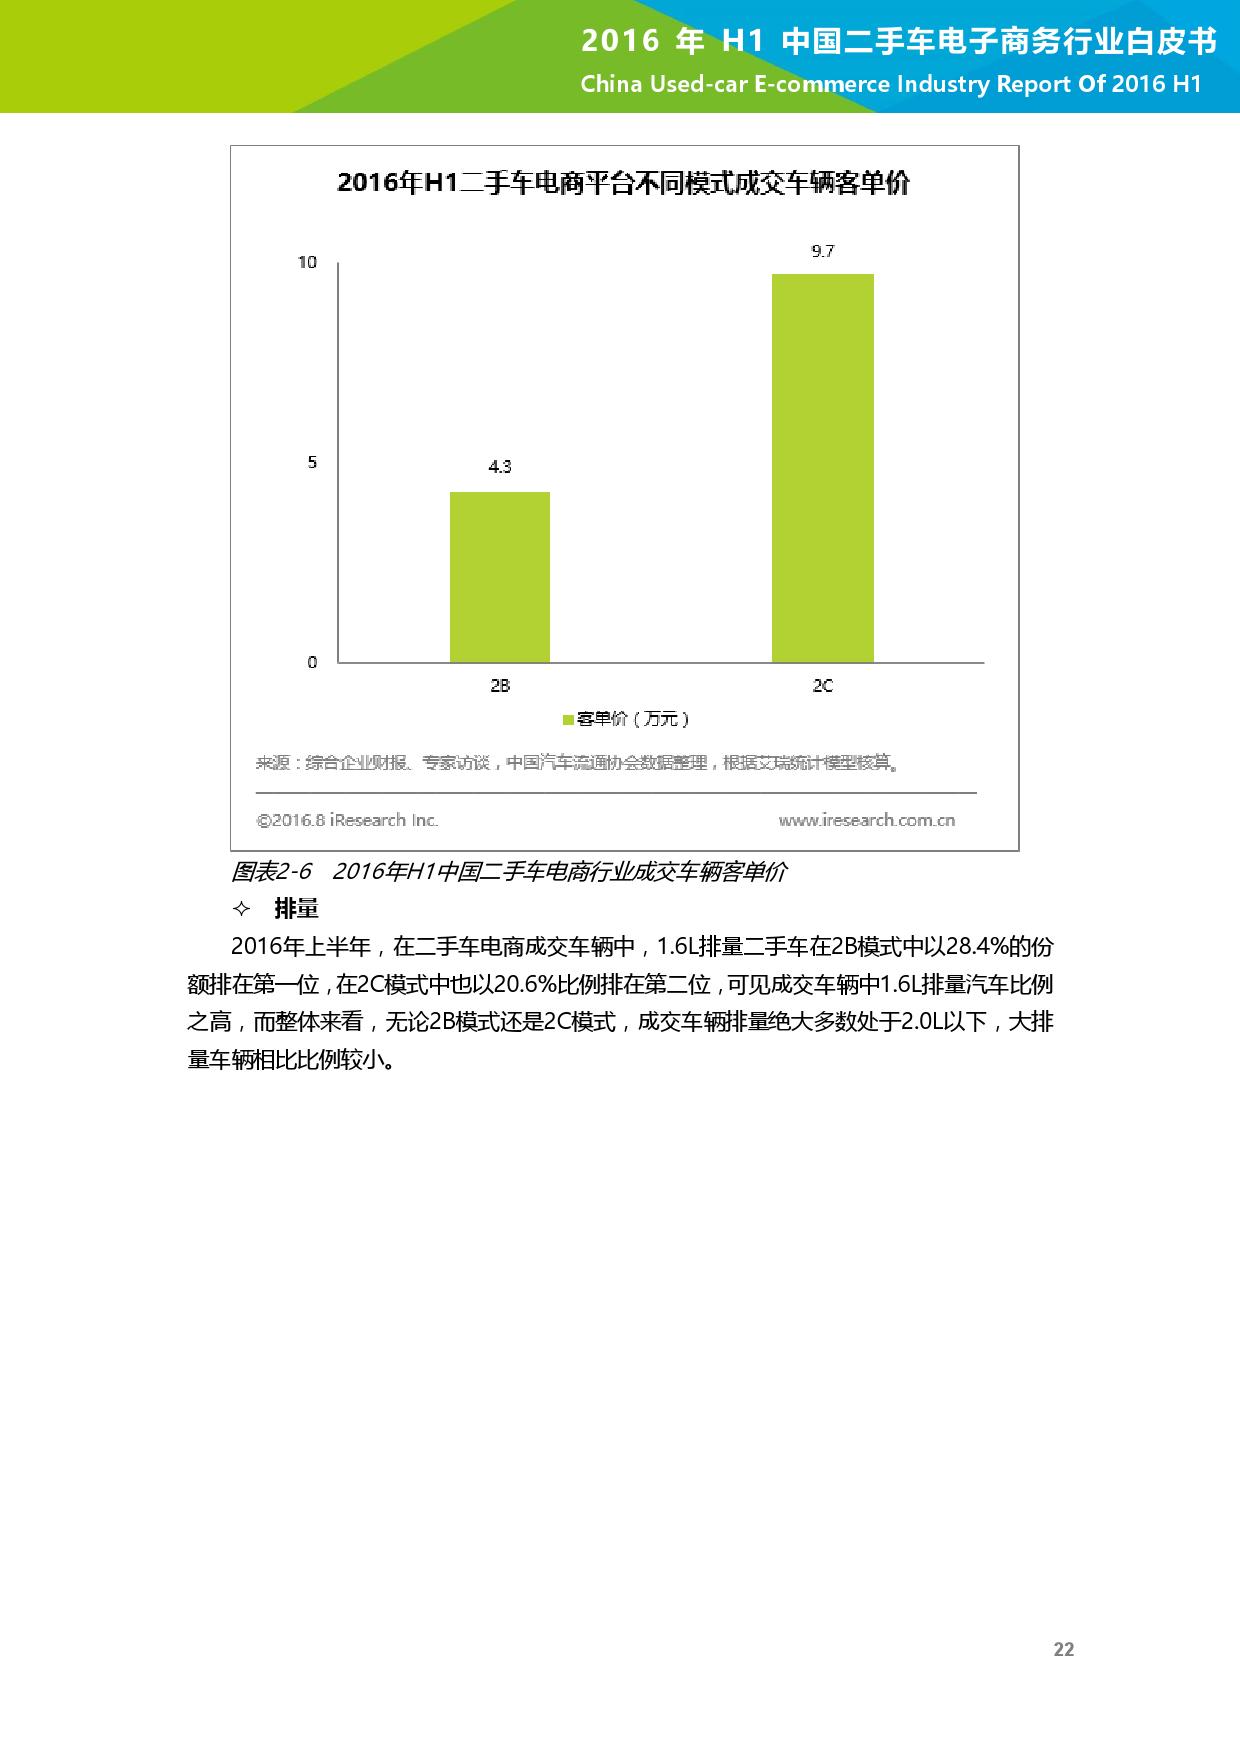 2016年H1中国二手车电子商务行业白皮书_000023